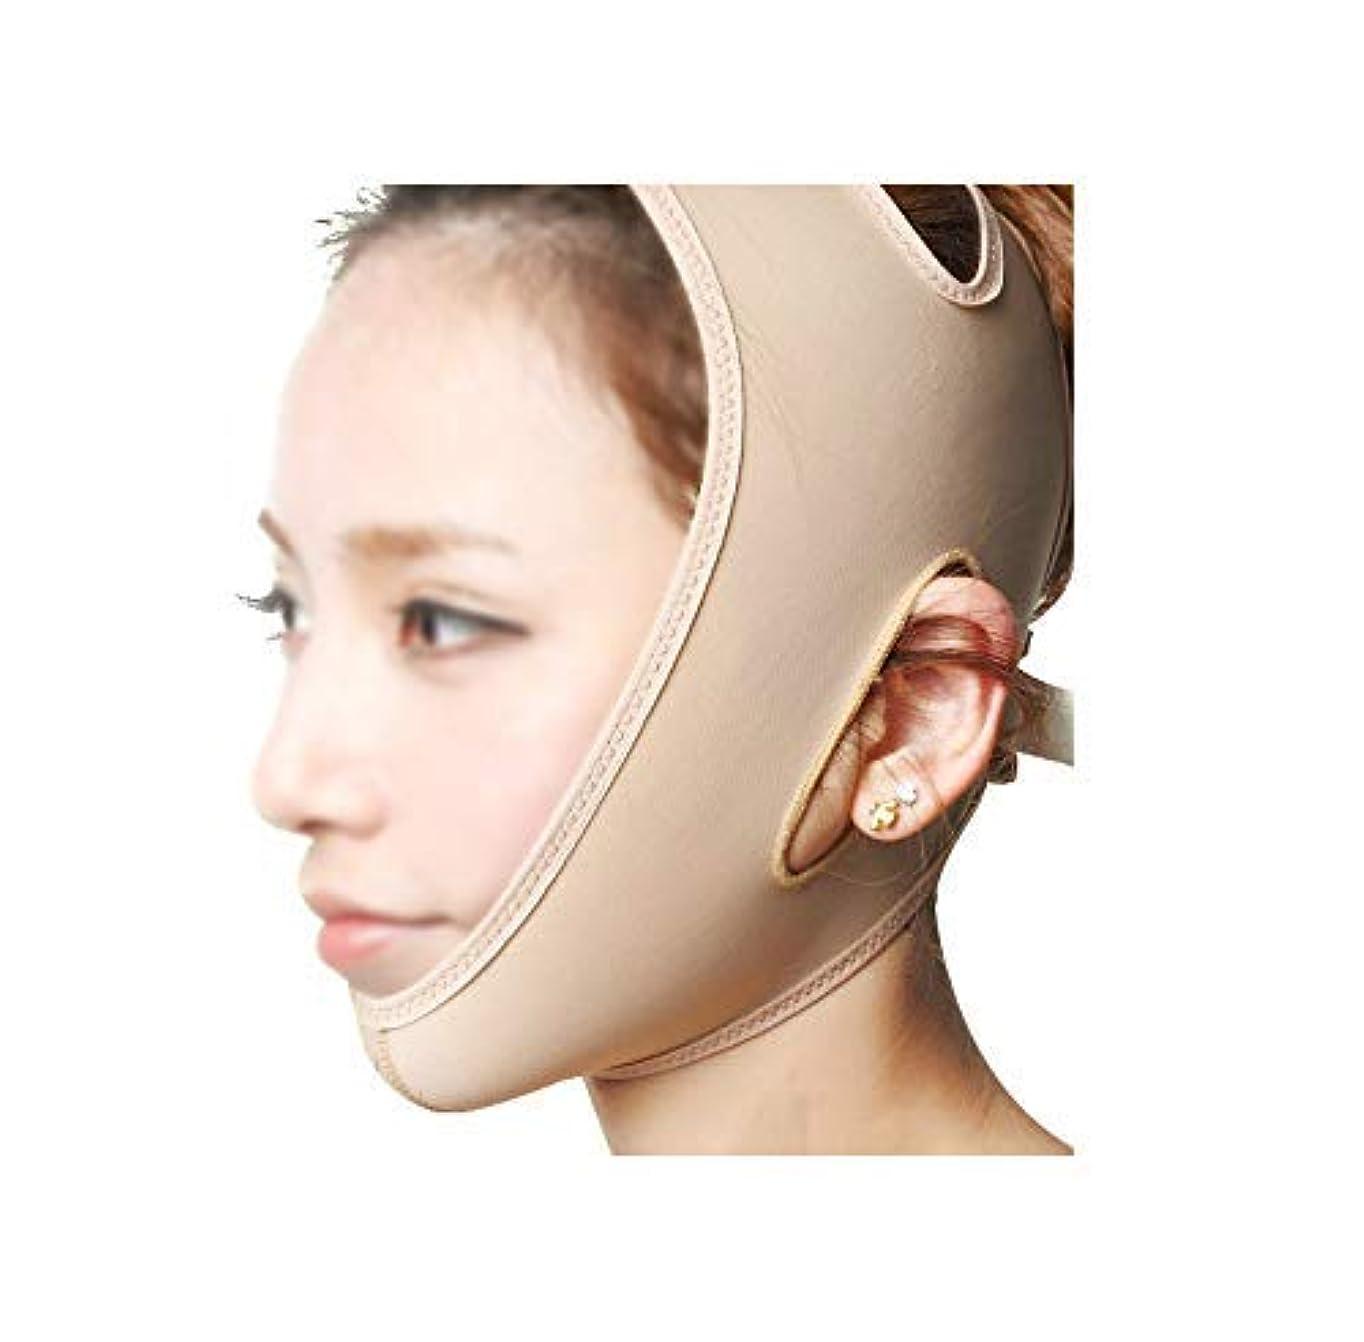 フェイスリフティングバンデージ、フェイスマスク3Dパネルデザイン、通気性に優れたライクラ素材の物理的なVフェイス、美しい顔の輪郭の作成(サイズ:S),ザ?